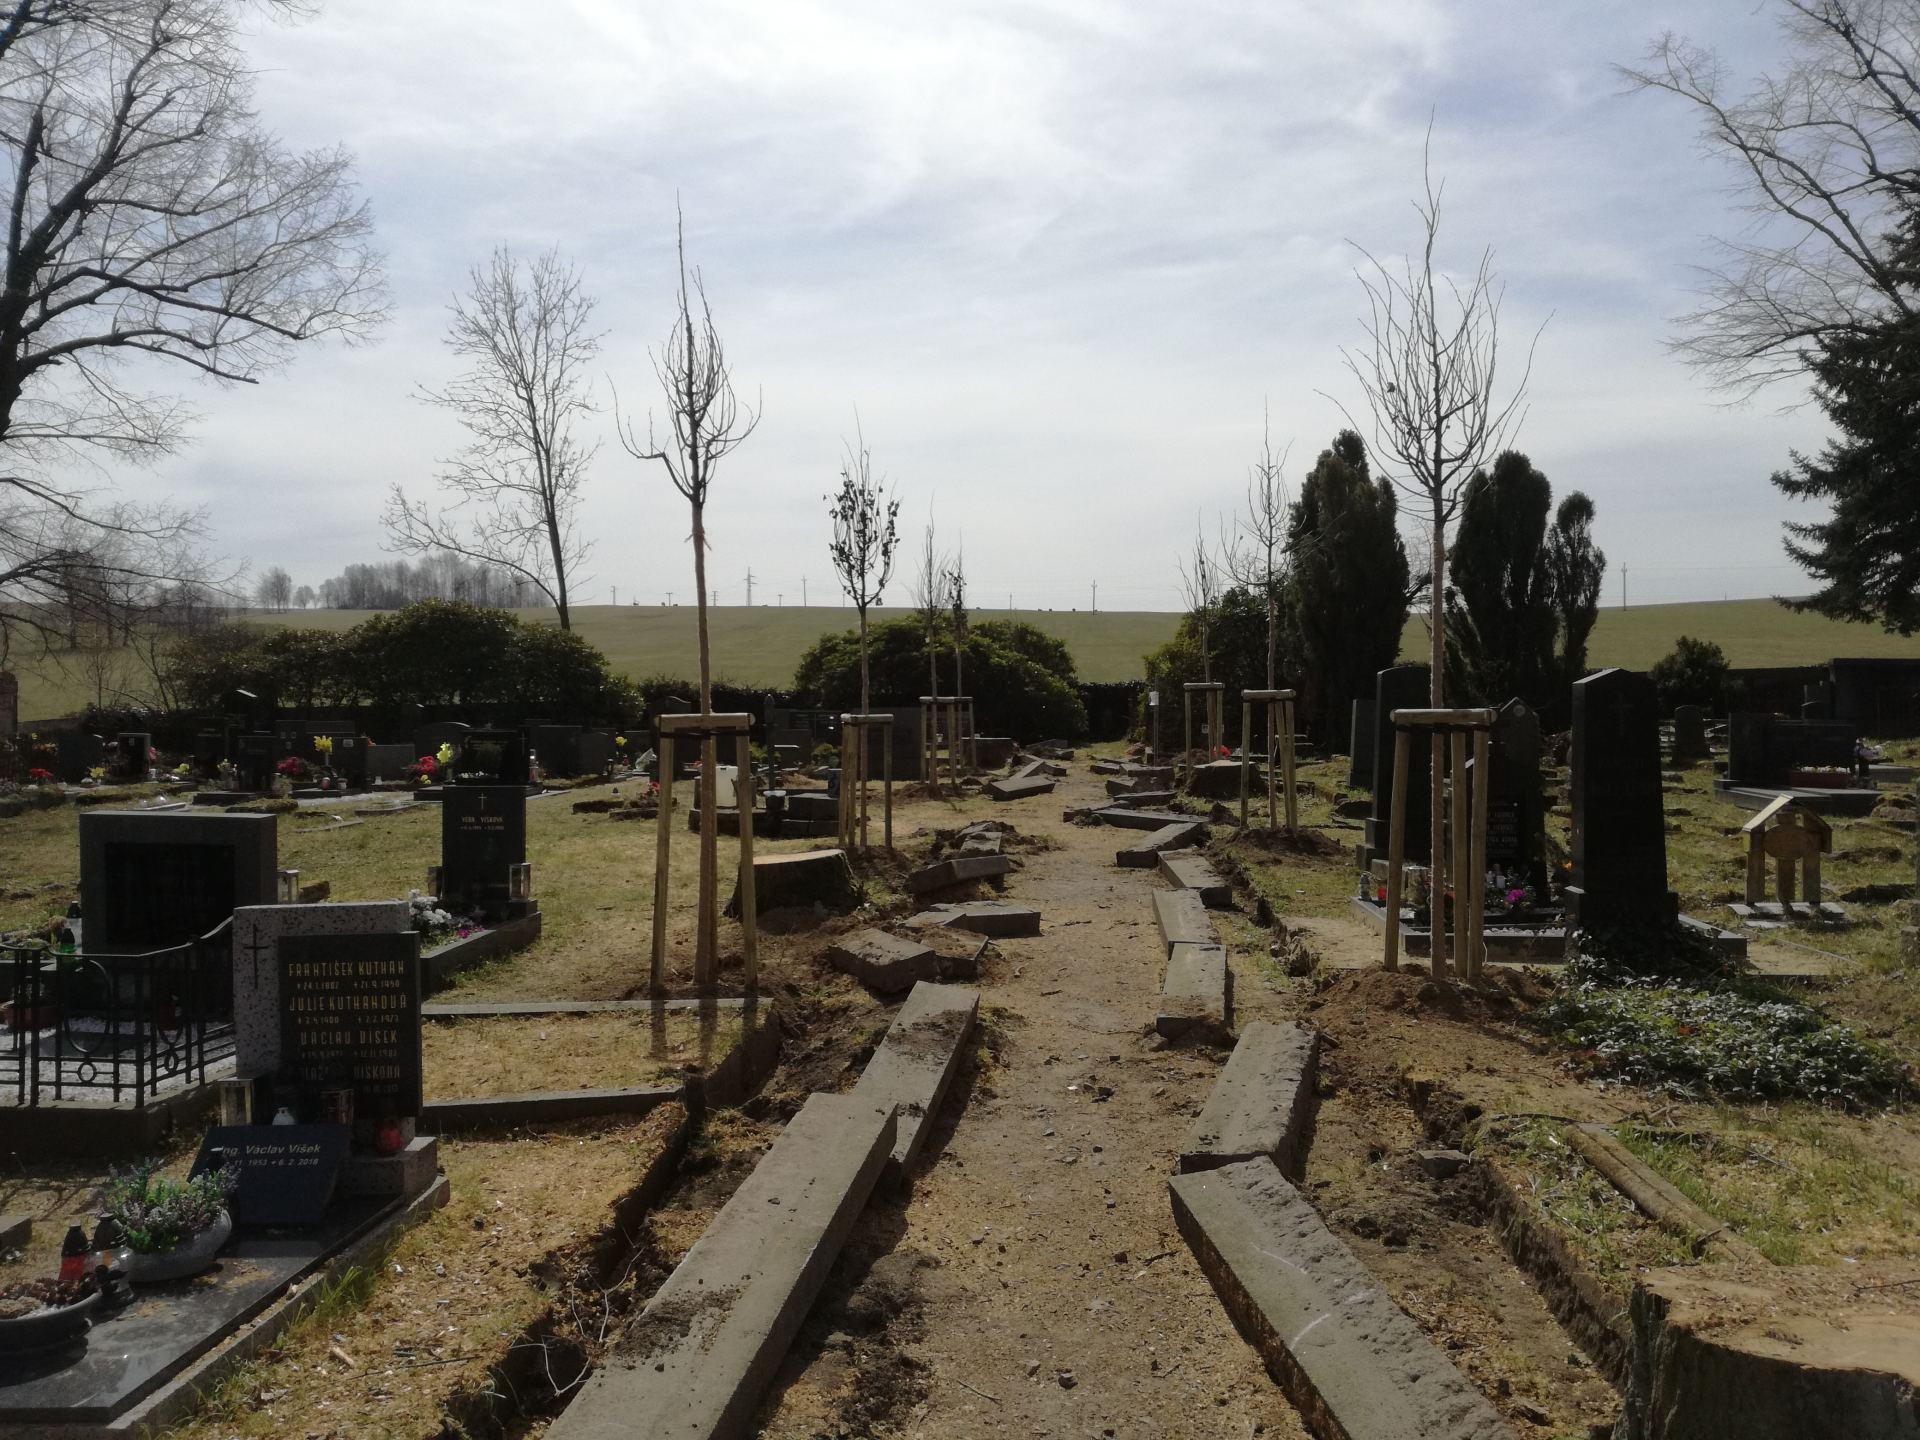 nově vysázené dřeviny a obrubníky připravené k osazení